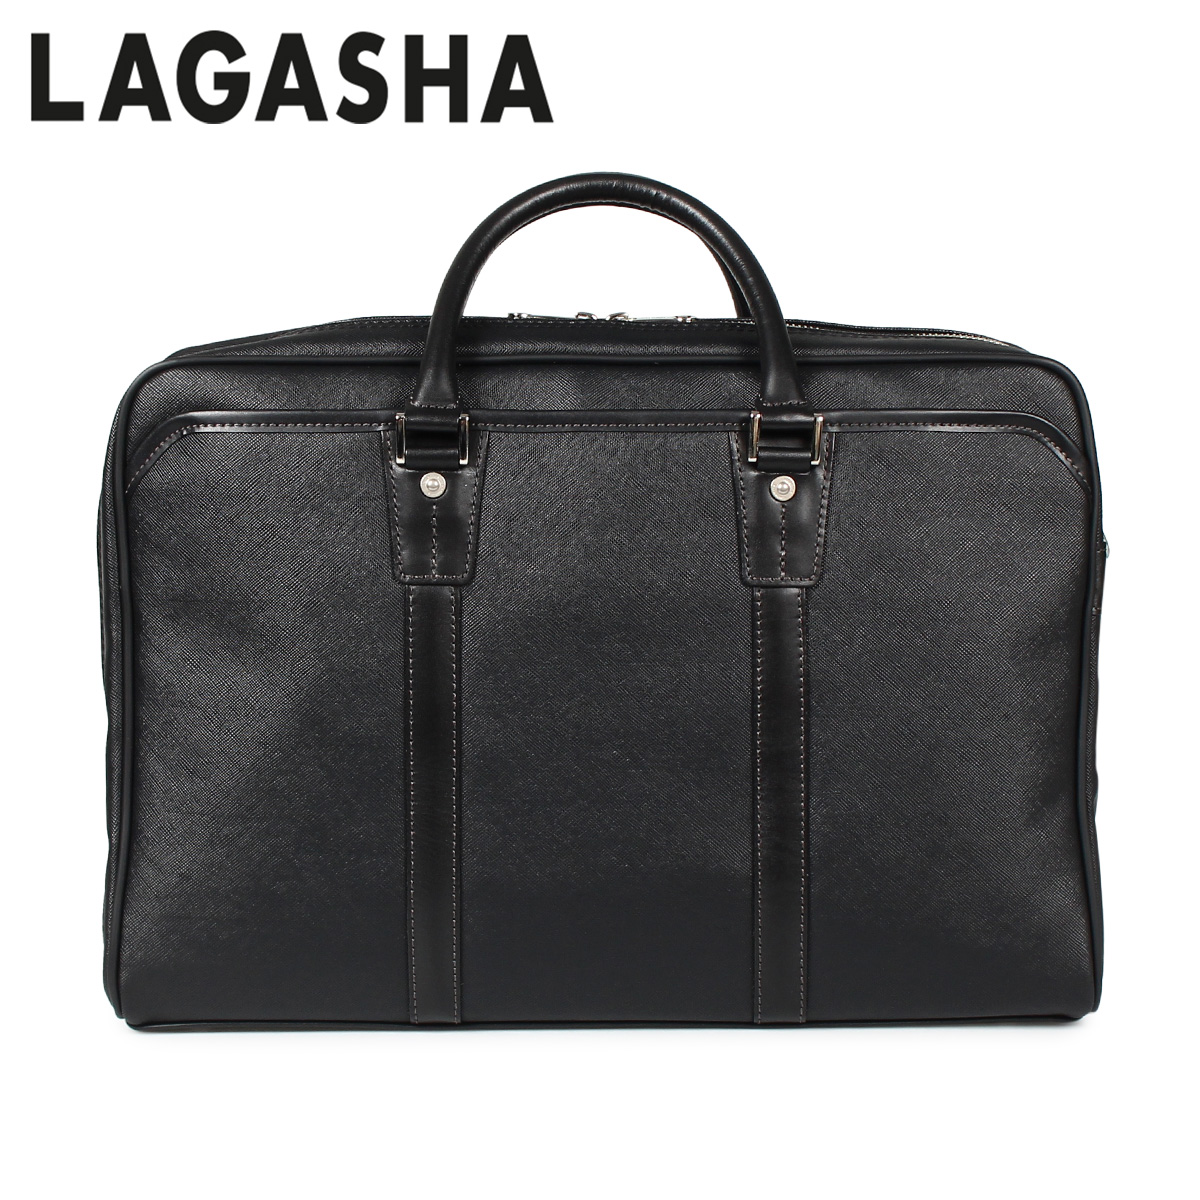 LAGASHA ラガシャ クアドロ バッグ ビジネスバッグ ブリーフケース メンズ QUADRO ブラック 黒 7715